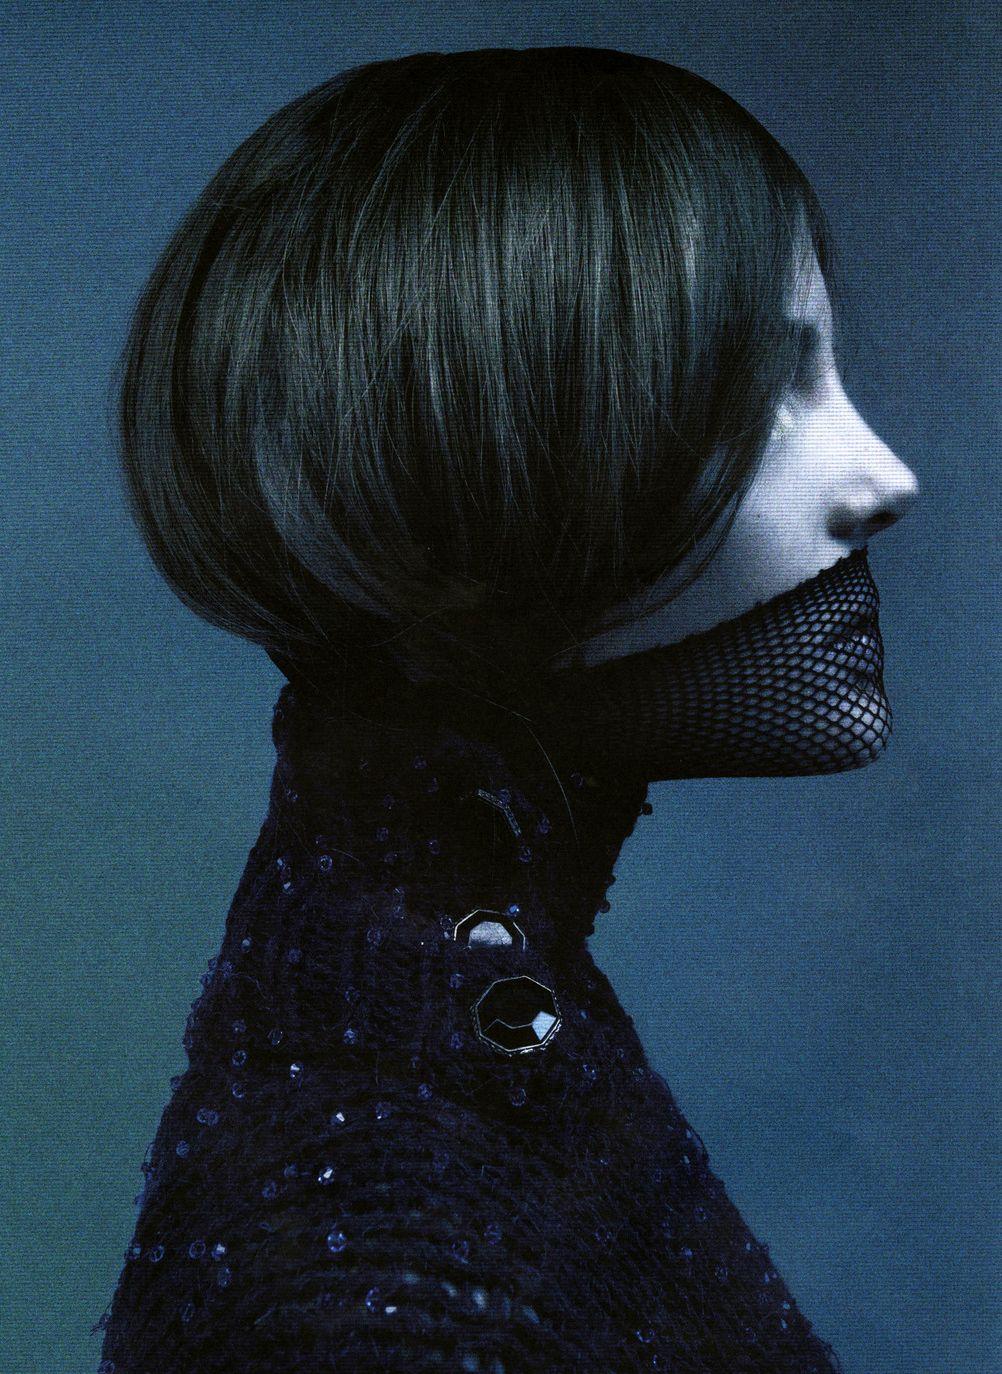 Pulp magazine photographer unkown fashion editorial dark